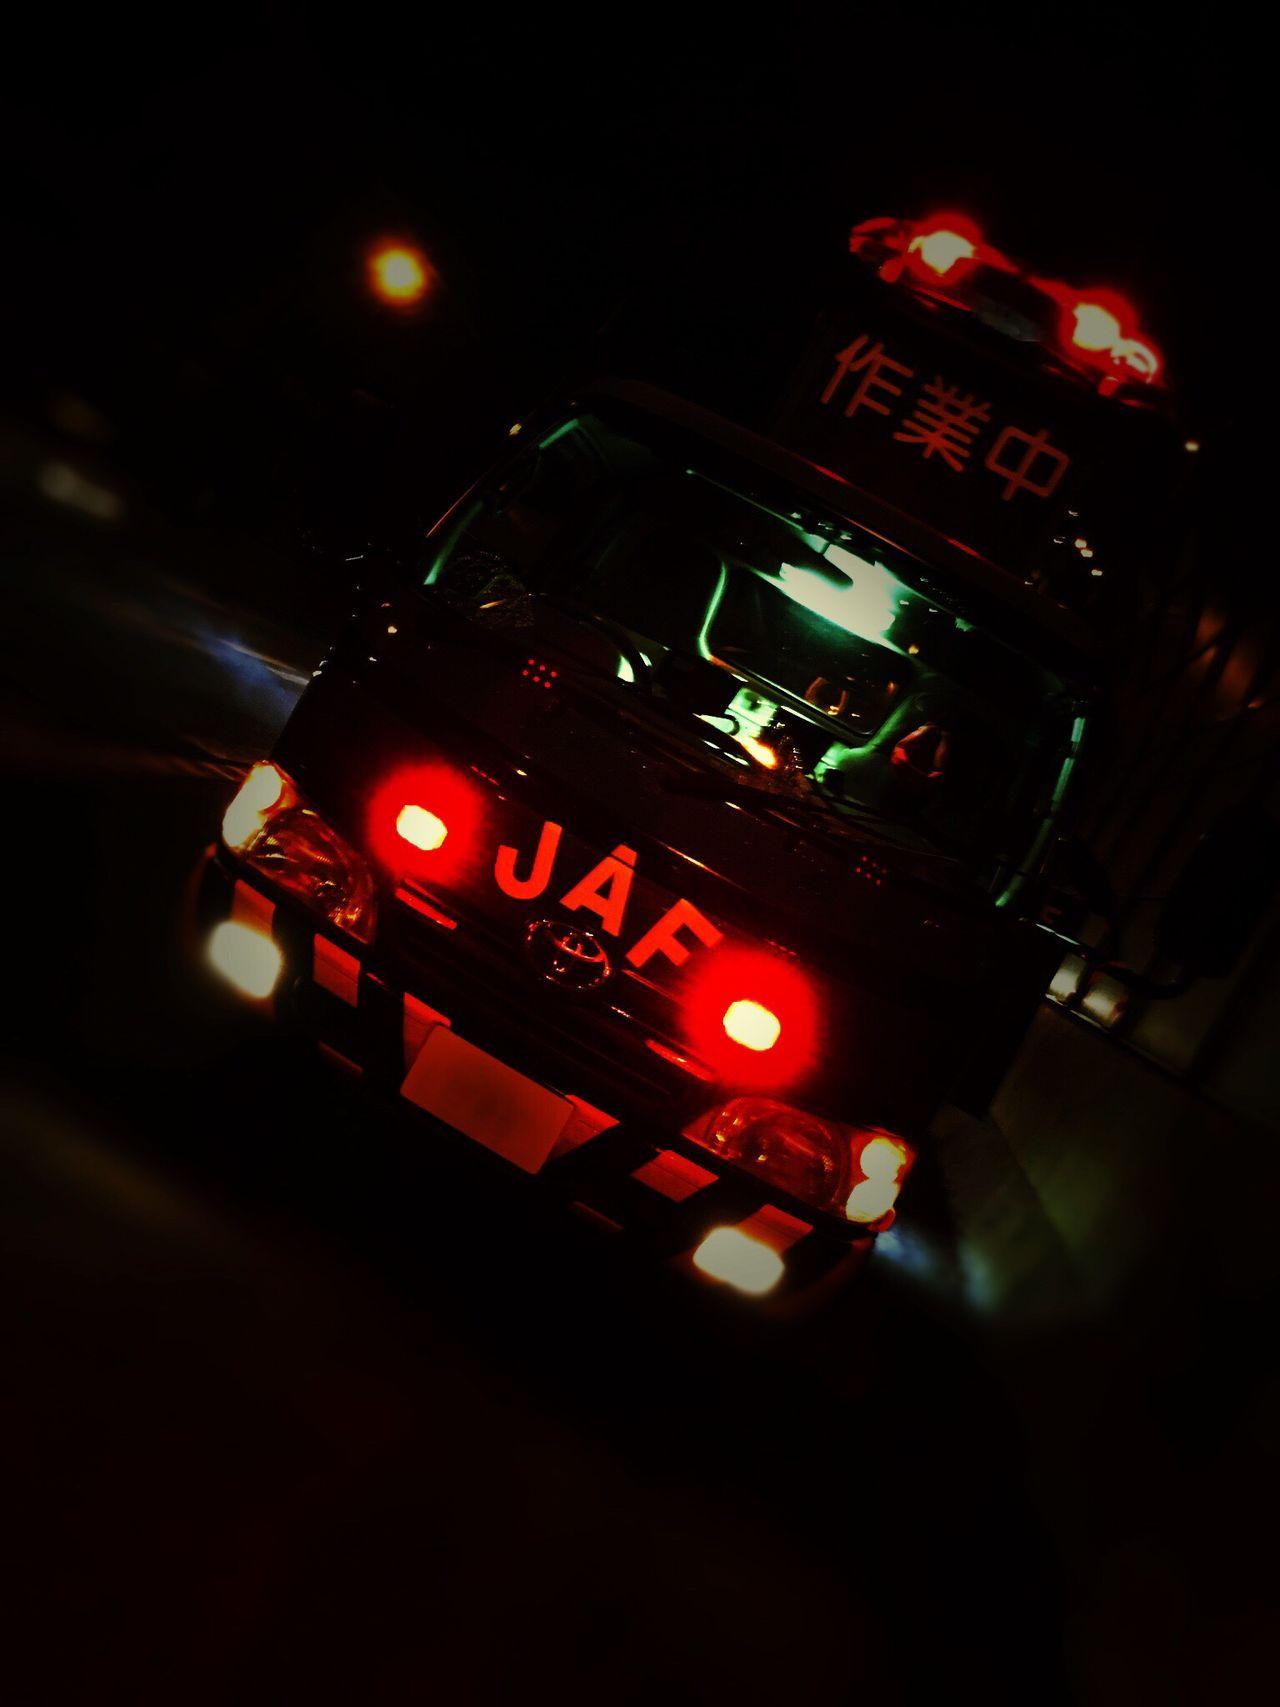 国産車に乗った日に限って、電装系故障で高速上でJAFを呼ぶハメに。 JAF Japan Automobile Federation Relief Help Helpme Help Me Trouble Night Yokohama Low Temperature